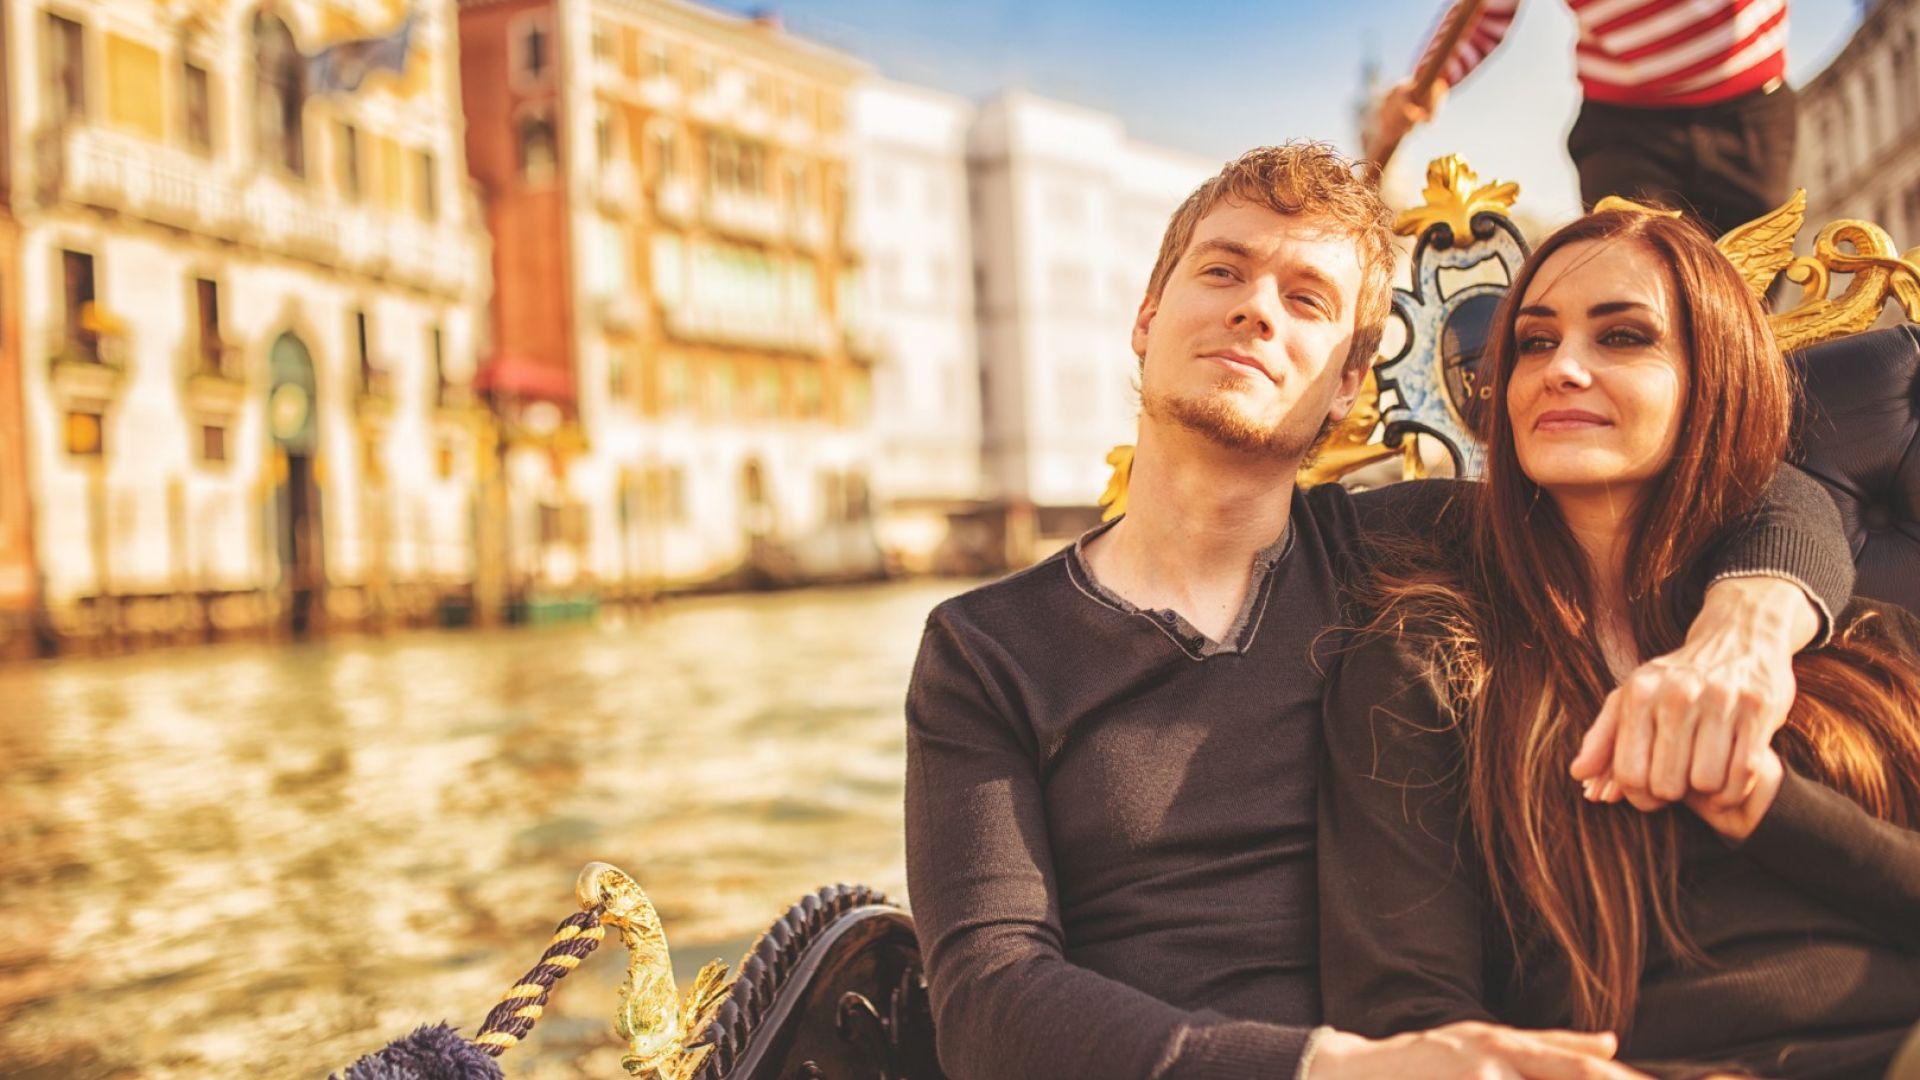 Венеция избегна за малко включване в списъка на ЮНЕСКО за застрашено наследство